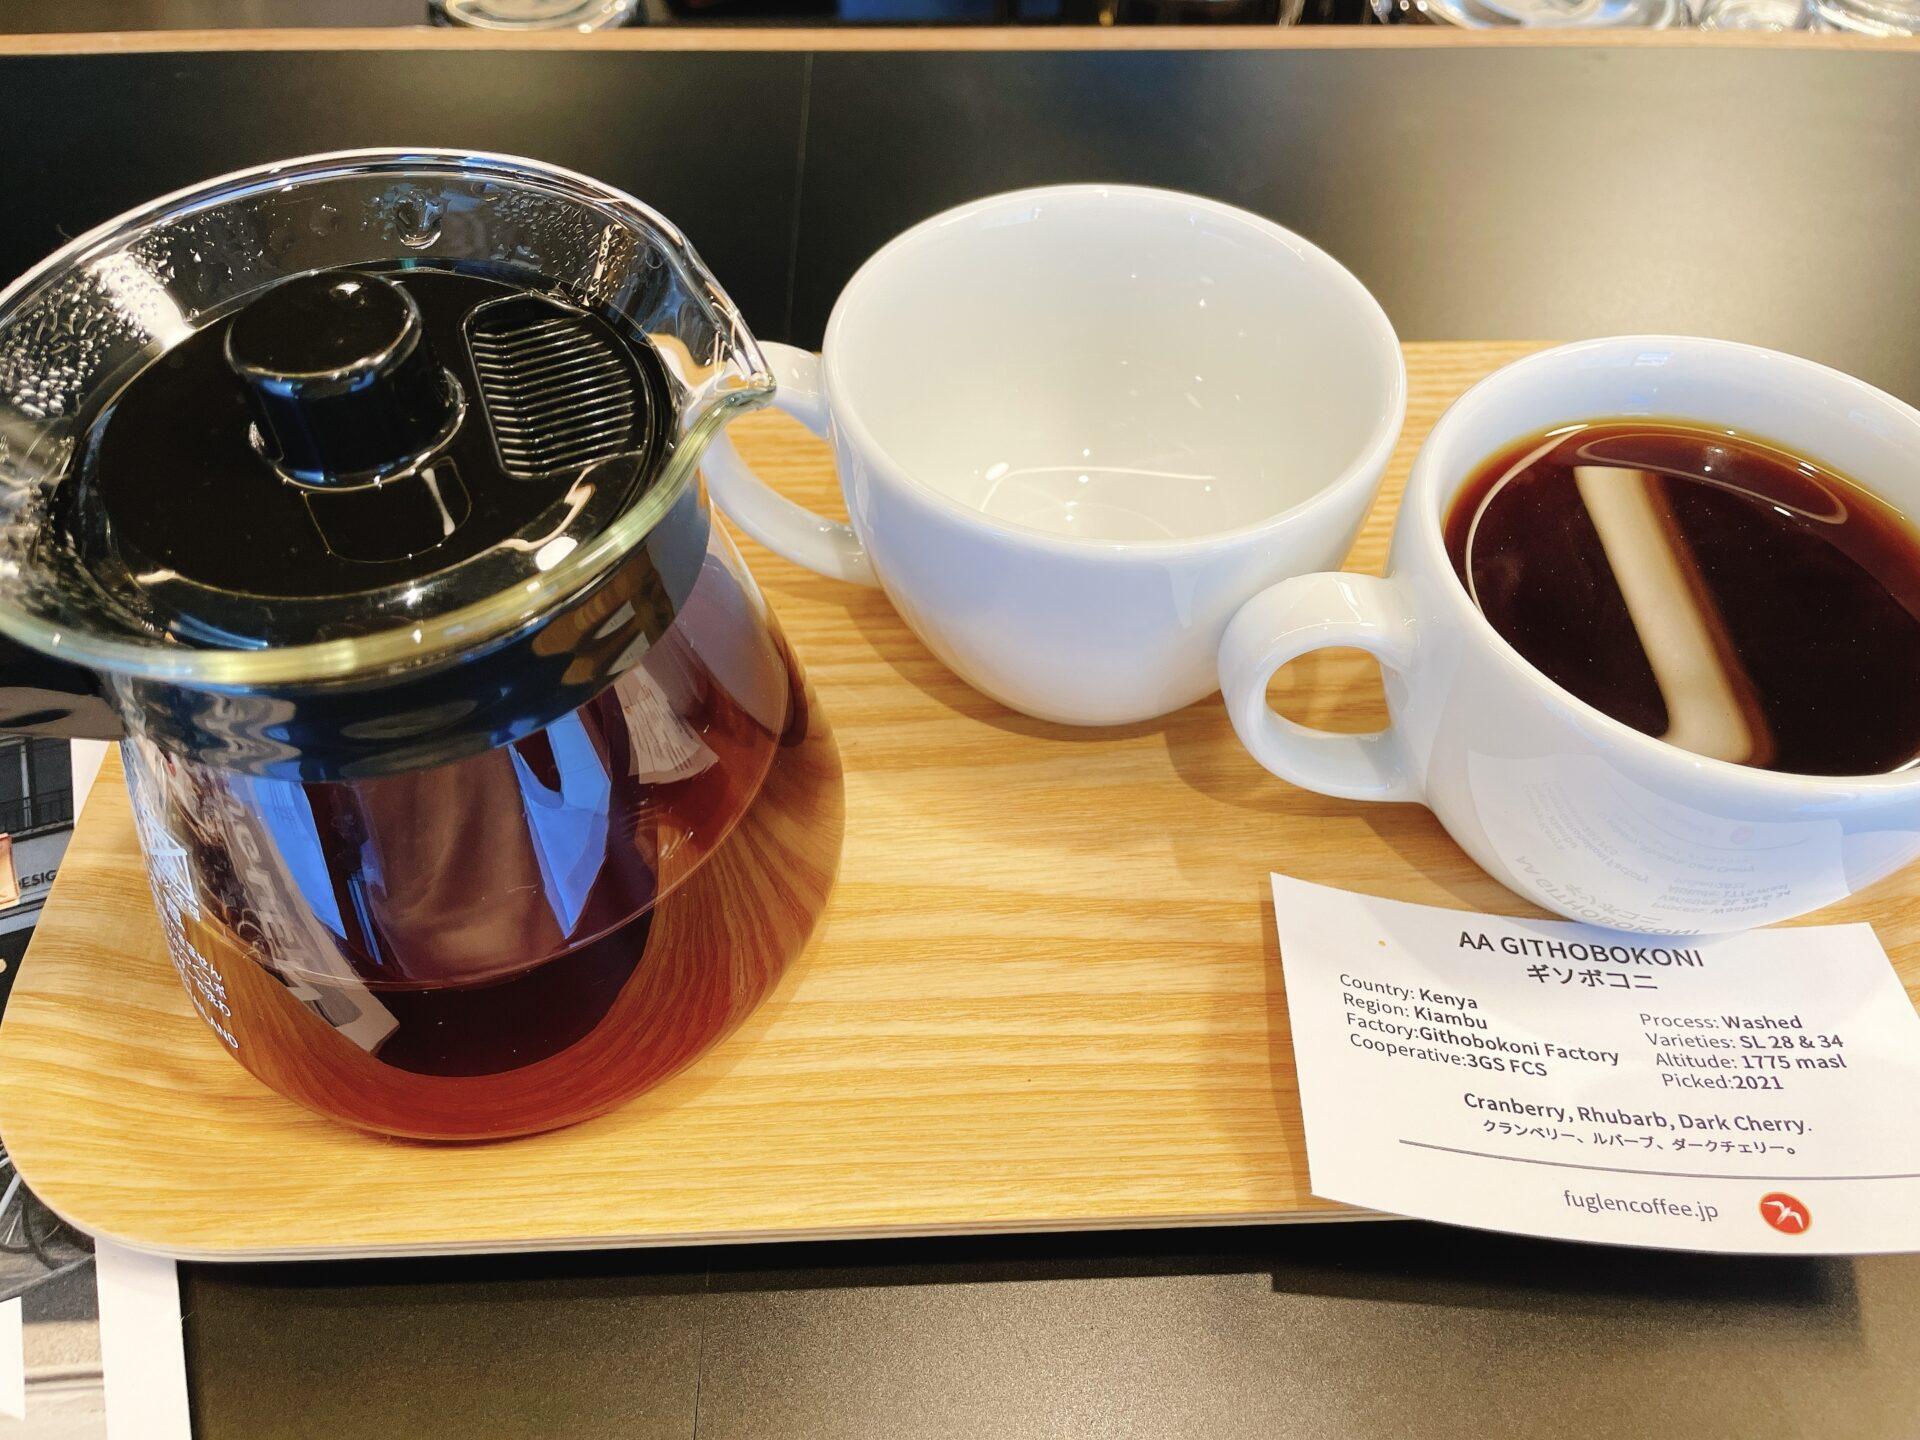 フグレンコーヒー羽根木のテイスティングフライト